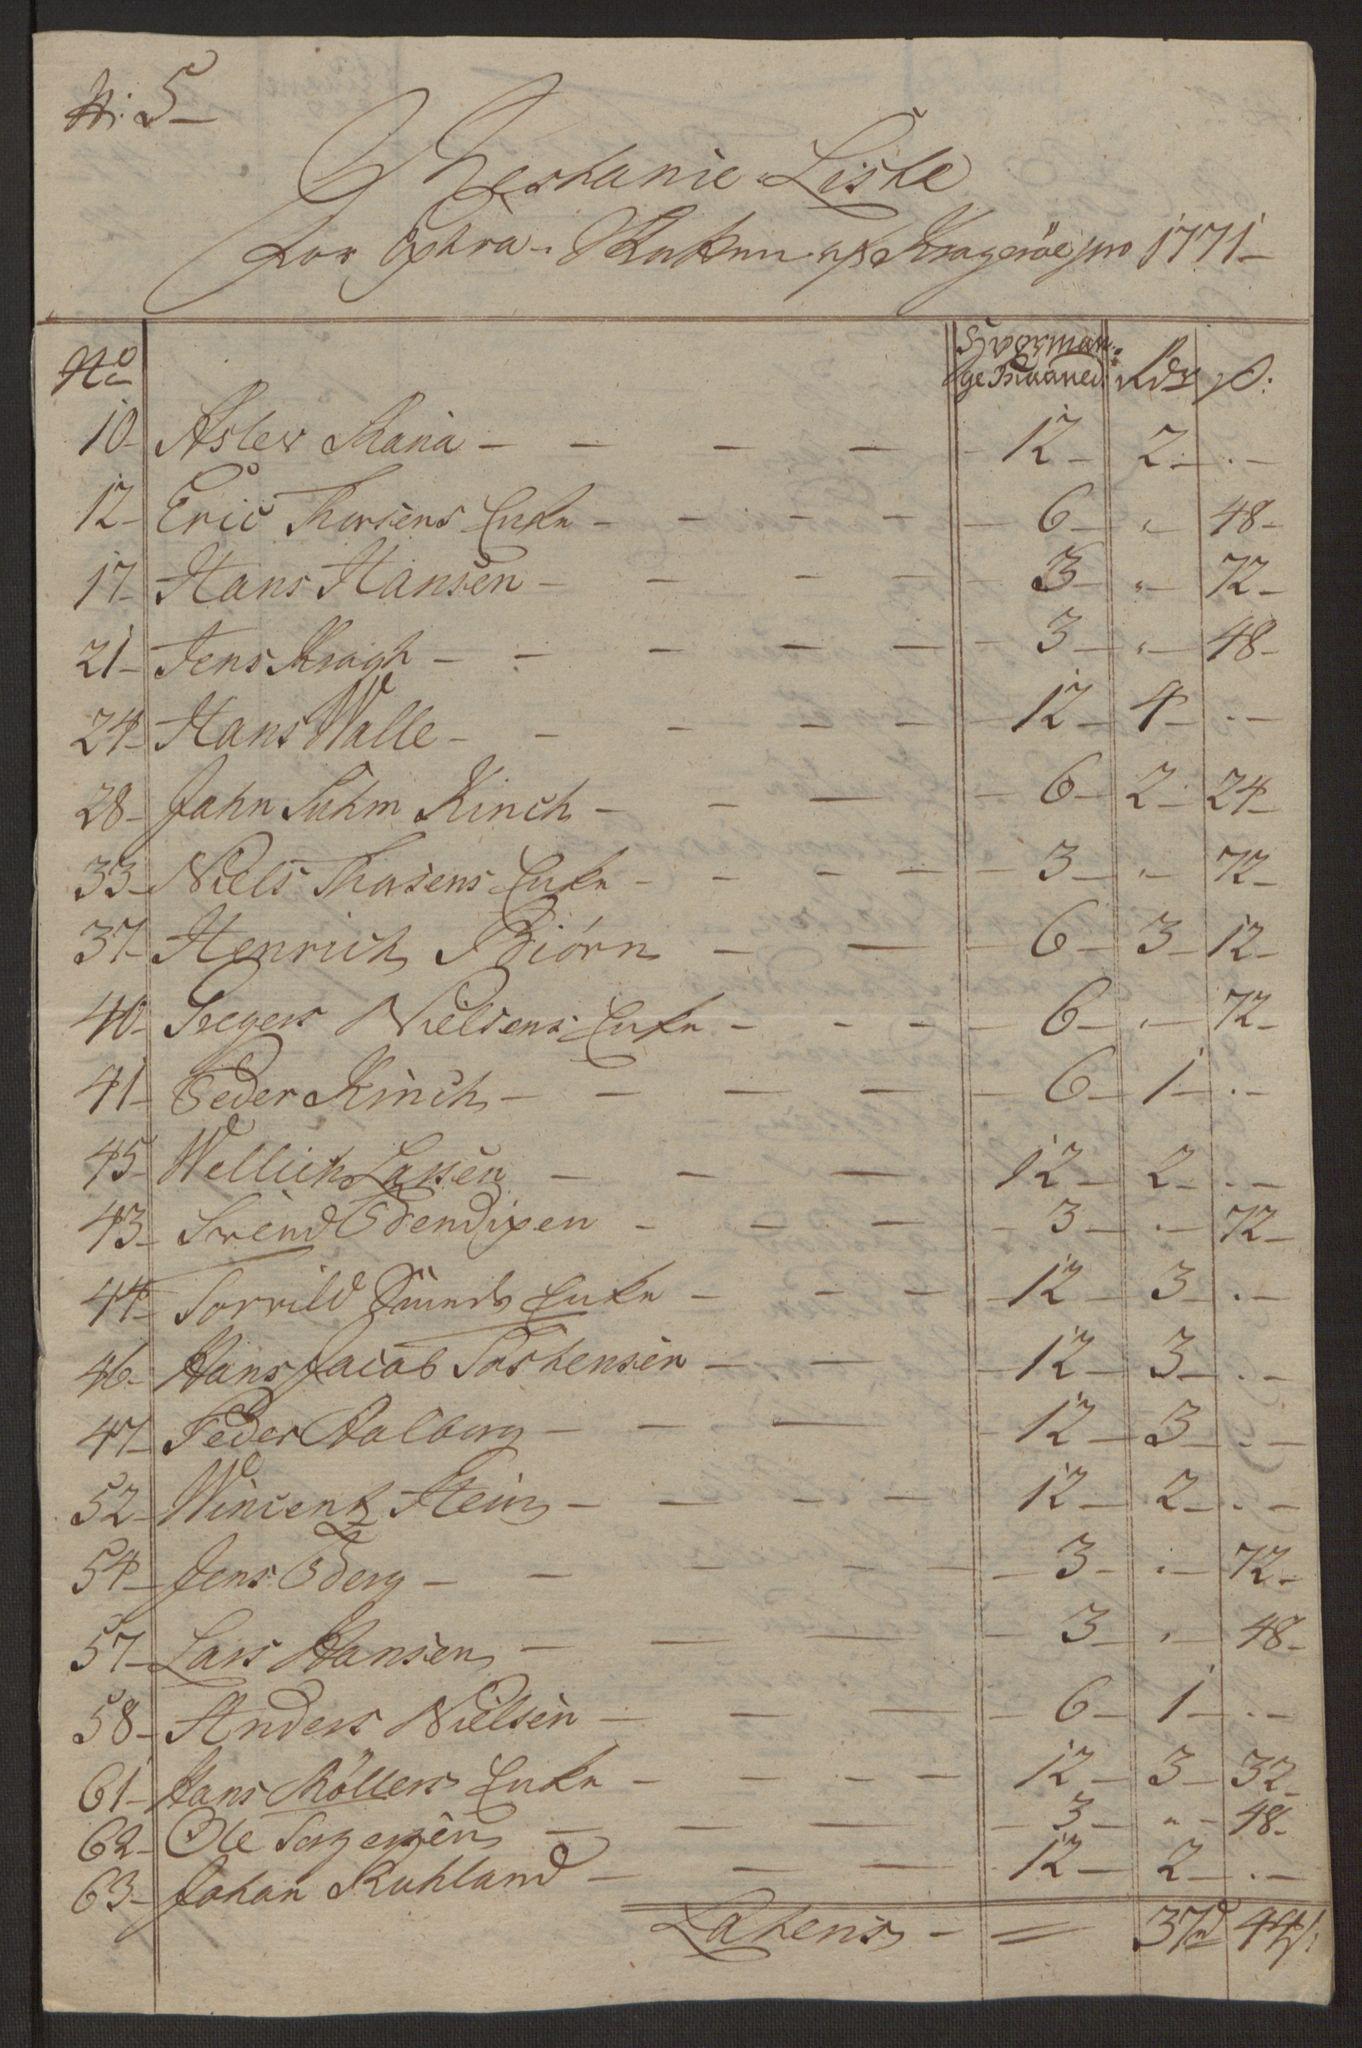 RA, Rentekammeret inntil 1814, Reviderte regnskaper, Byregnskaper, R/Rk/L0218: [K2] Kontribusjonsregnskap, 1768-1772, s. 77